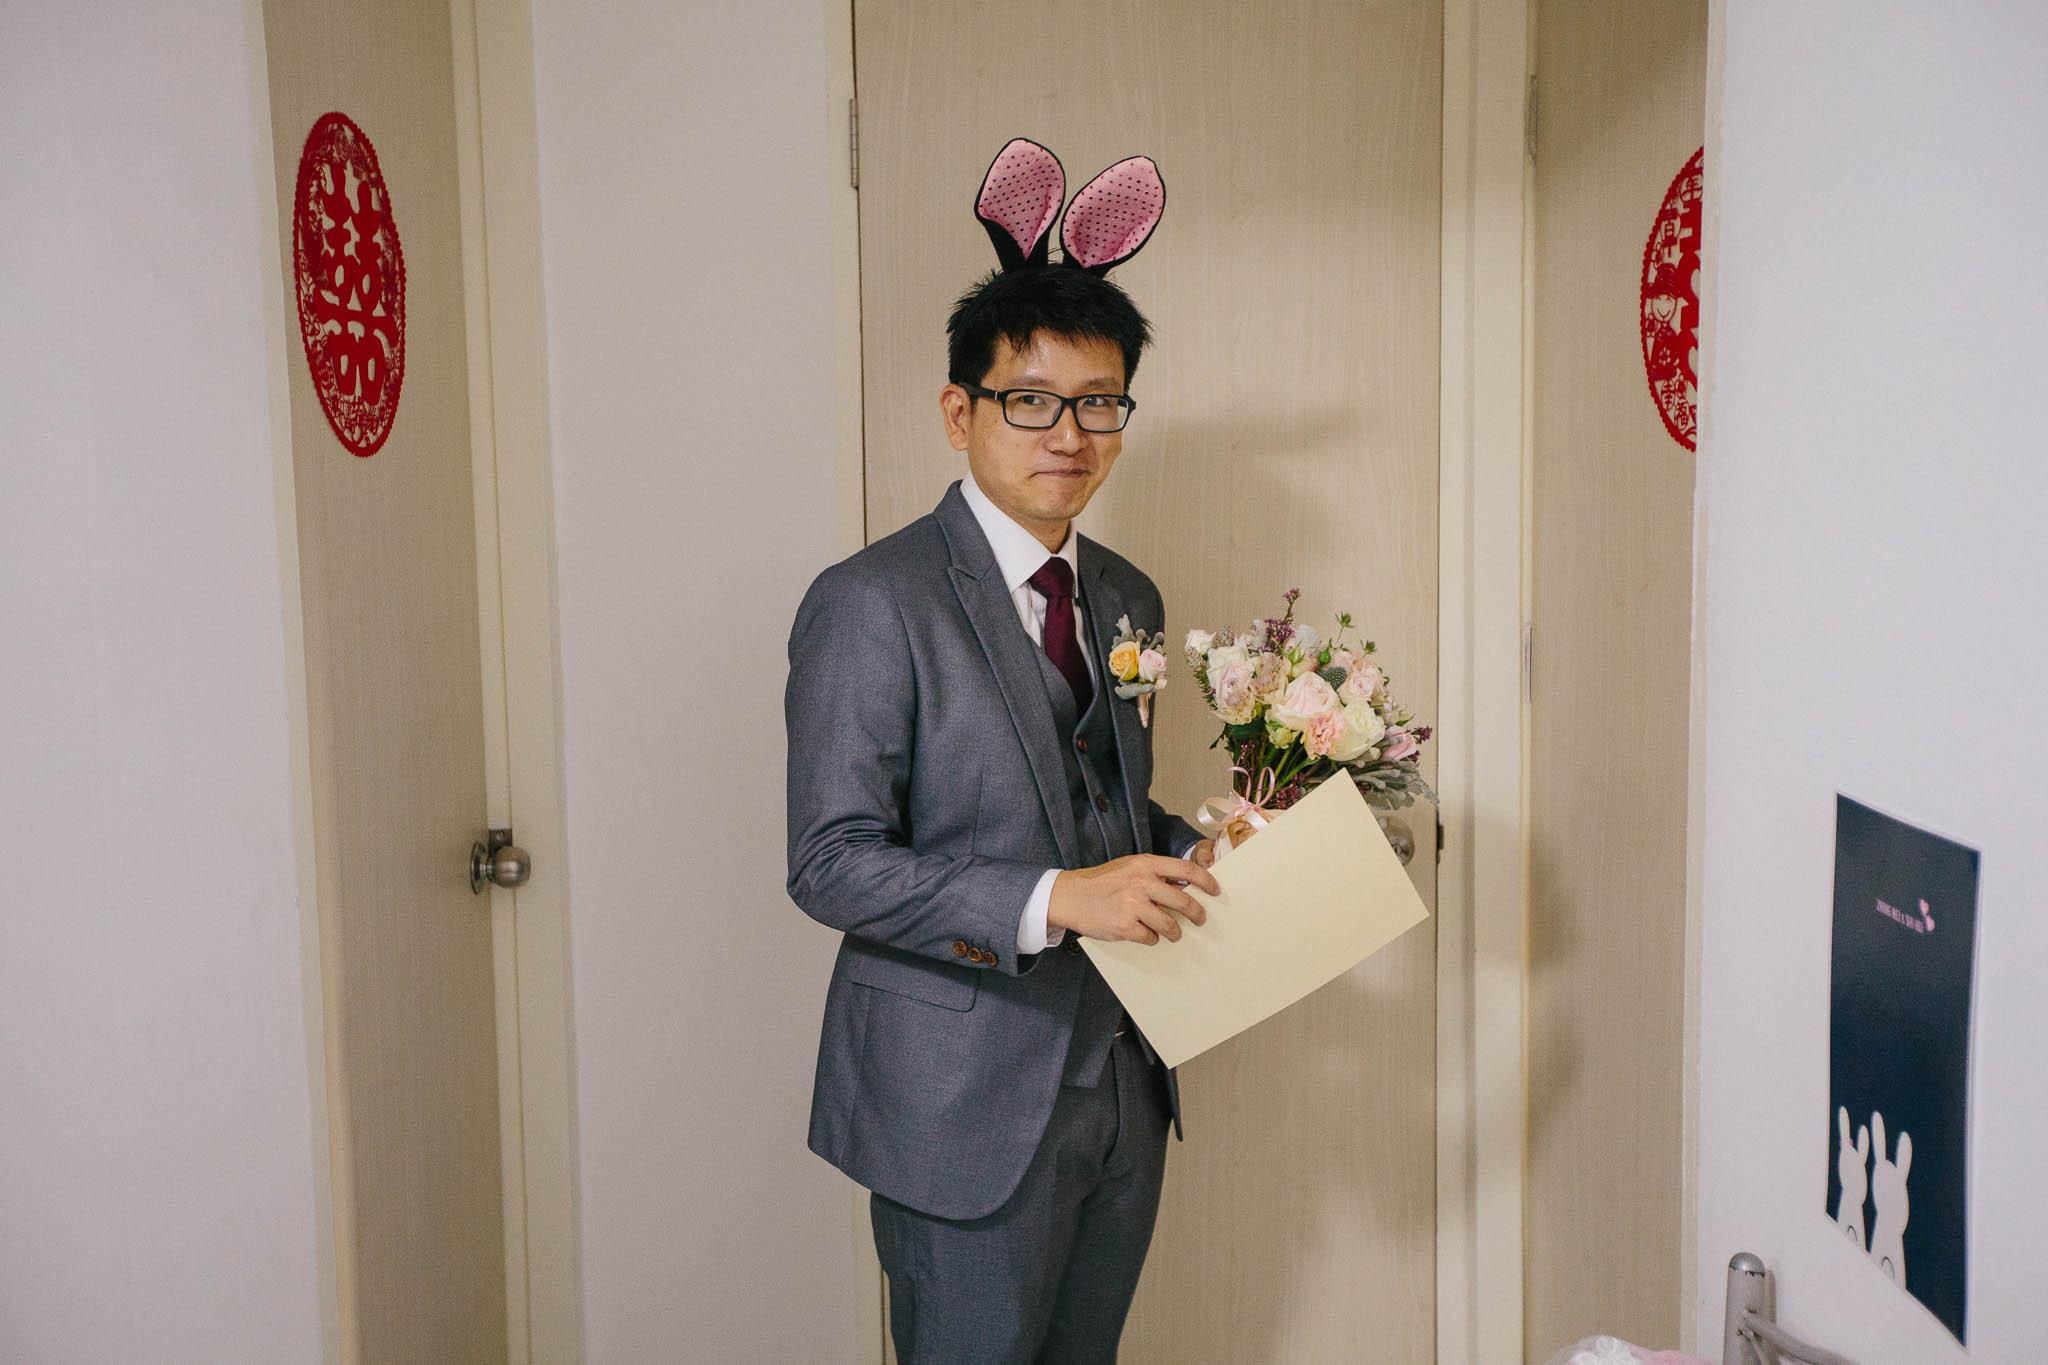 singapore-wedding-photographer-zhongwei-shihui-017.jpg